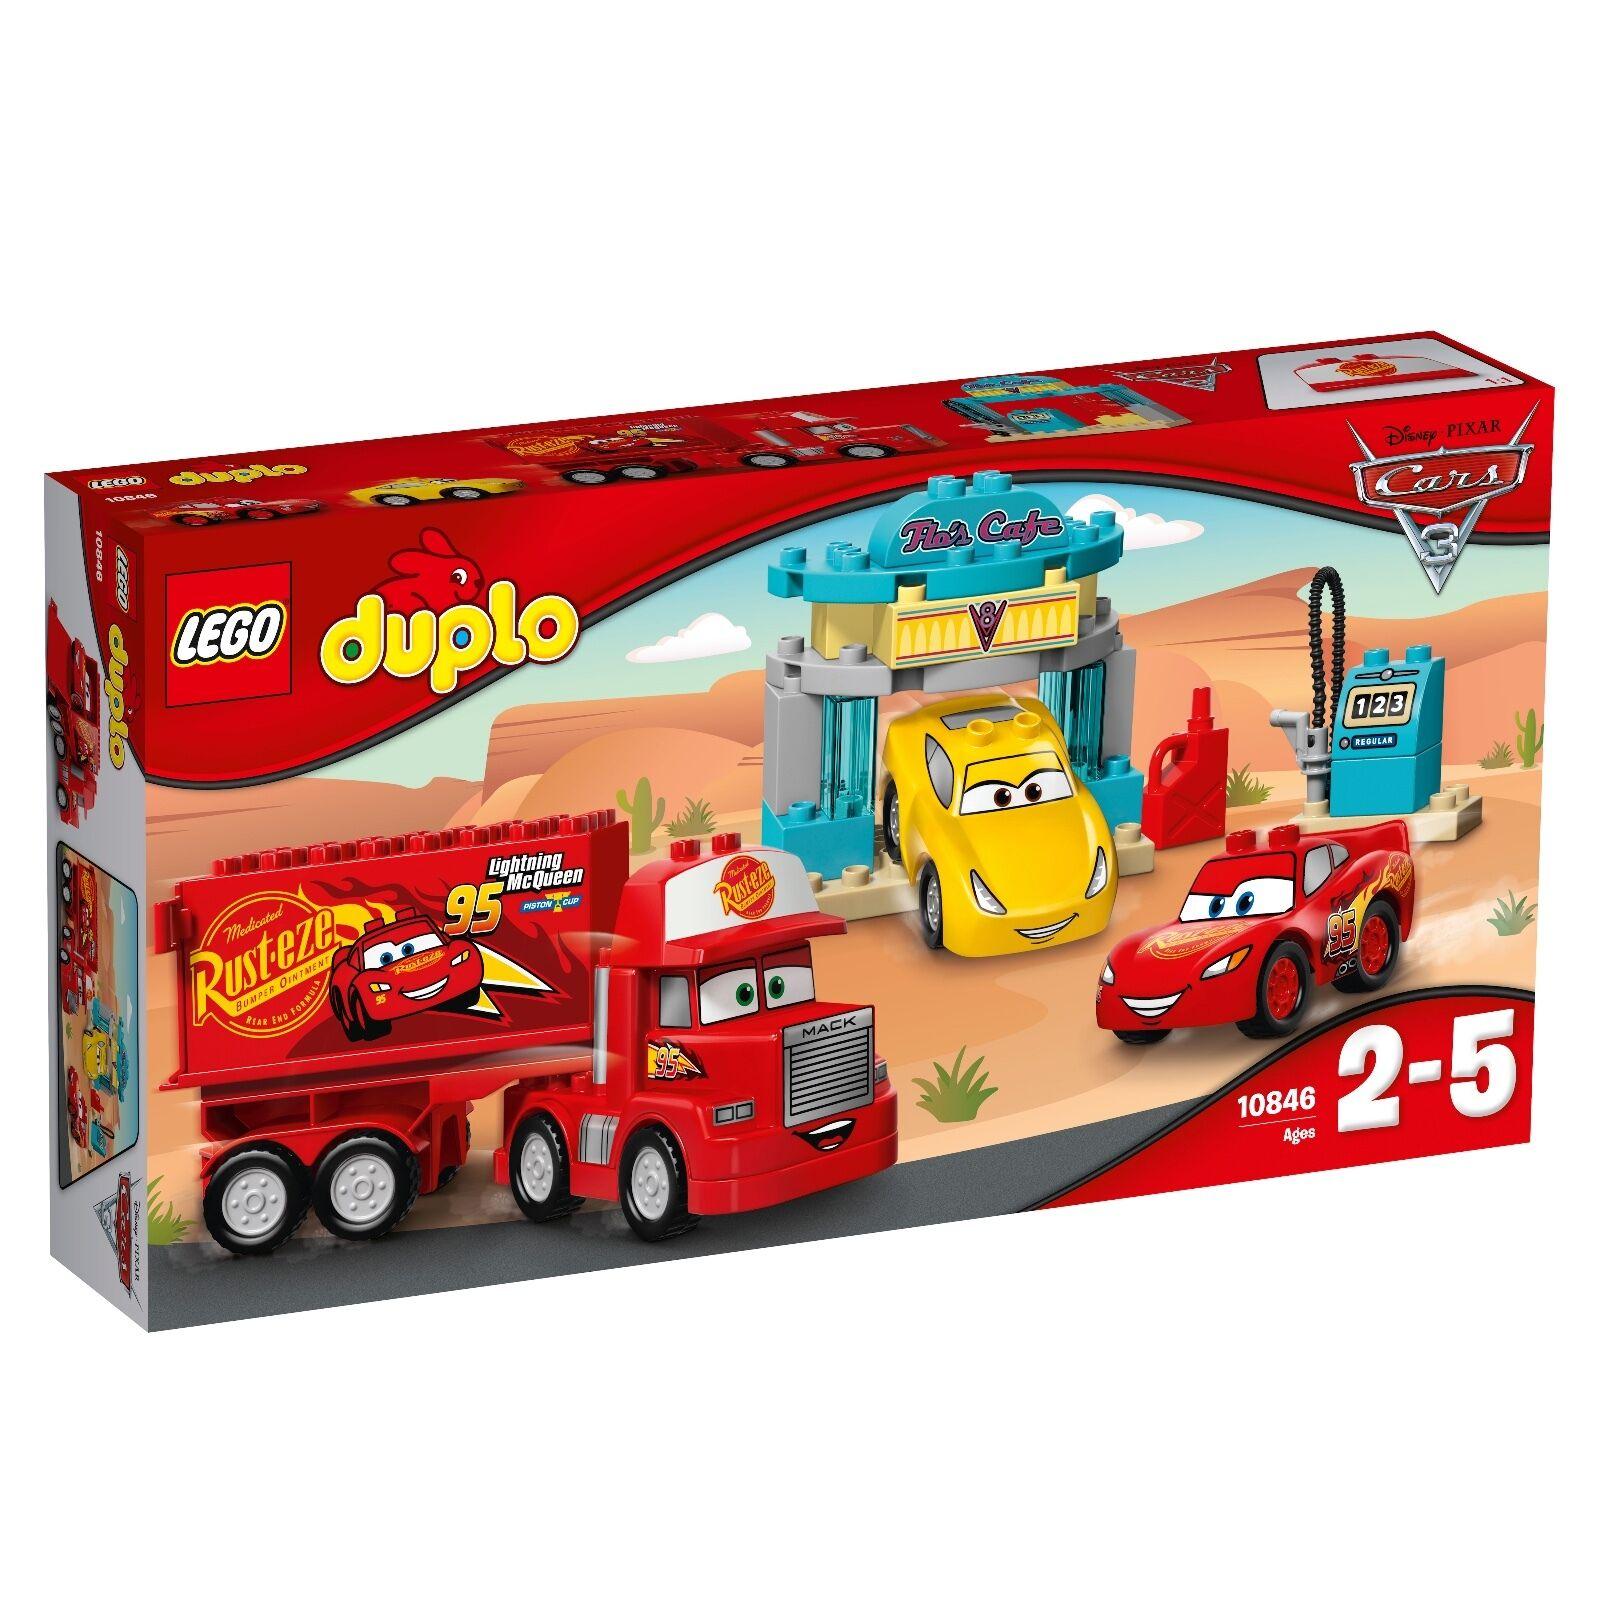 LEGO ®  DUPLO ® 10846 Flos Café Nouveau neuf dans sa boîte _ Flo's Café nouveau En parfait état, dans sa boîte scellée Boîte d'origine jamais ouverte  70% de réduction